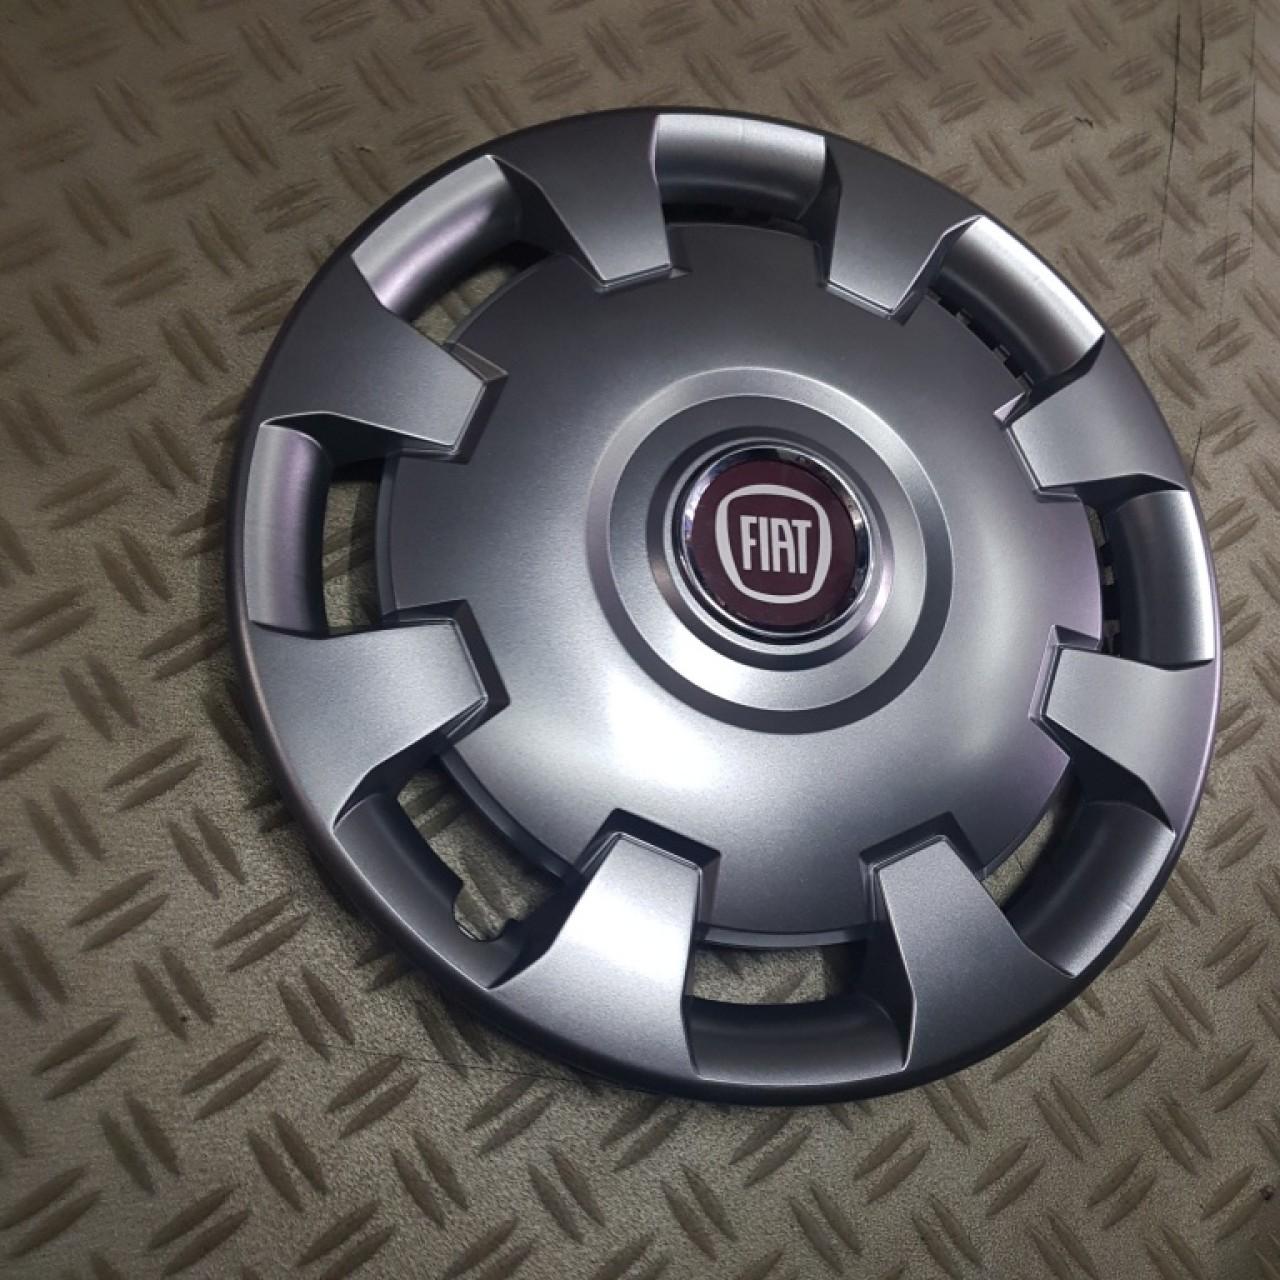 Capace Fiat r14 la set de 4 bucati cod 206